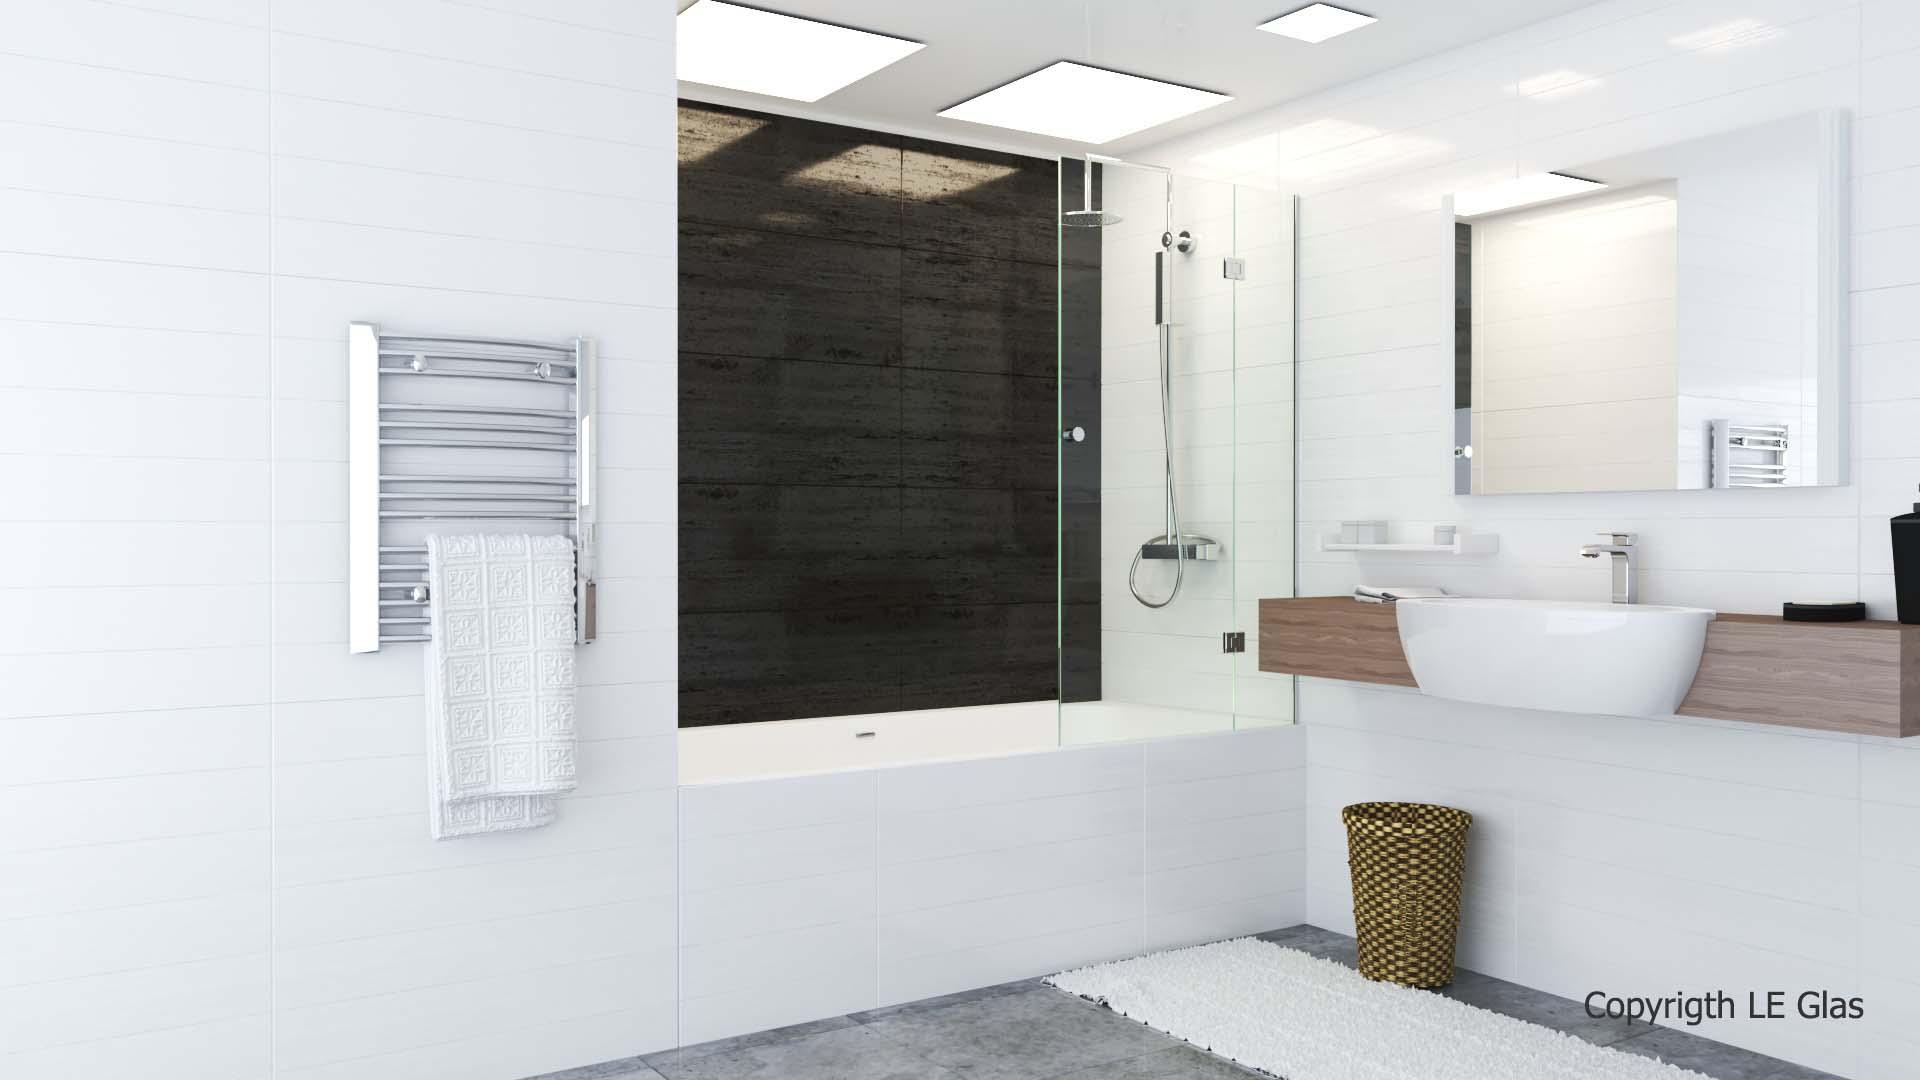 Glas afskærmning til badekar model 1026